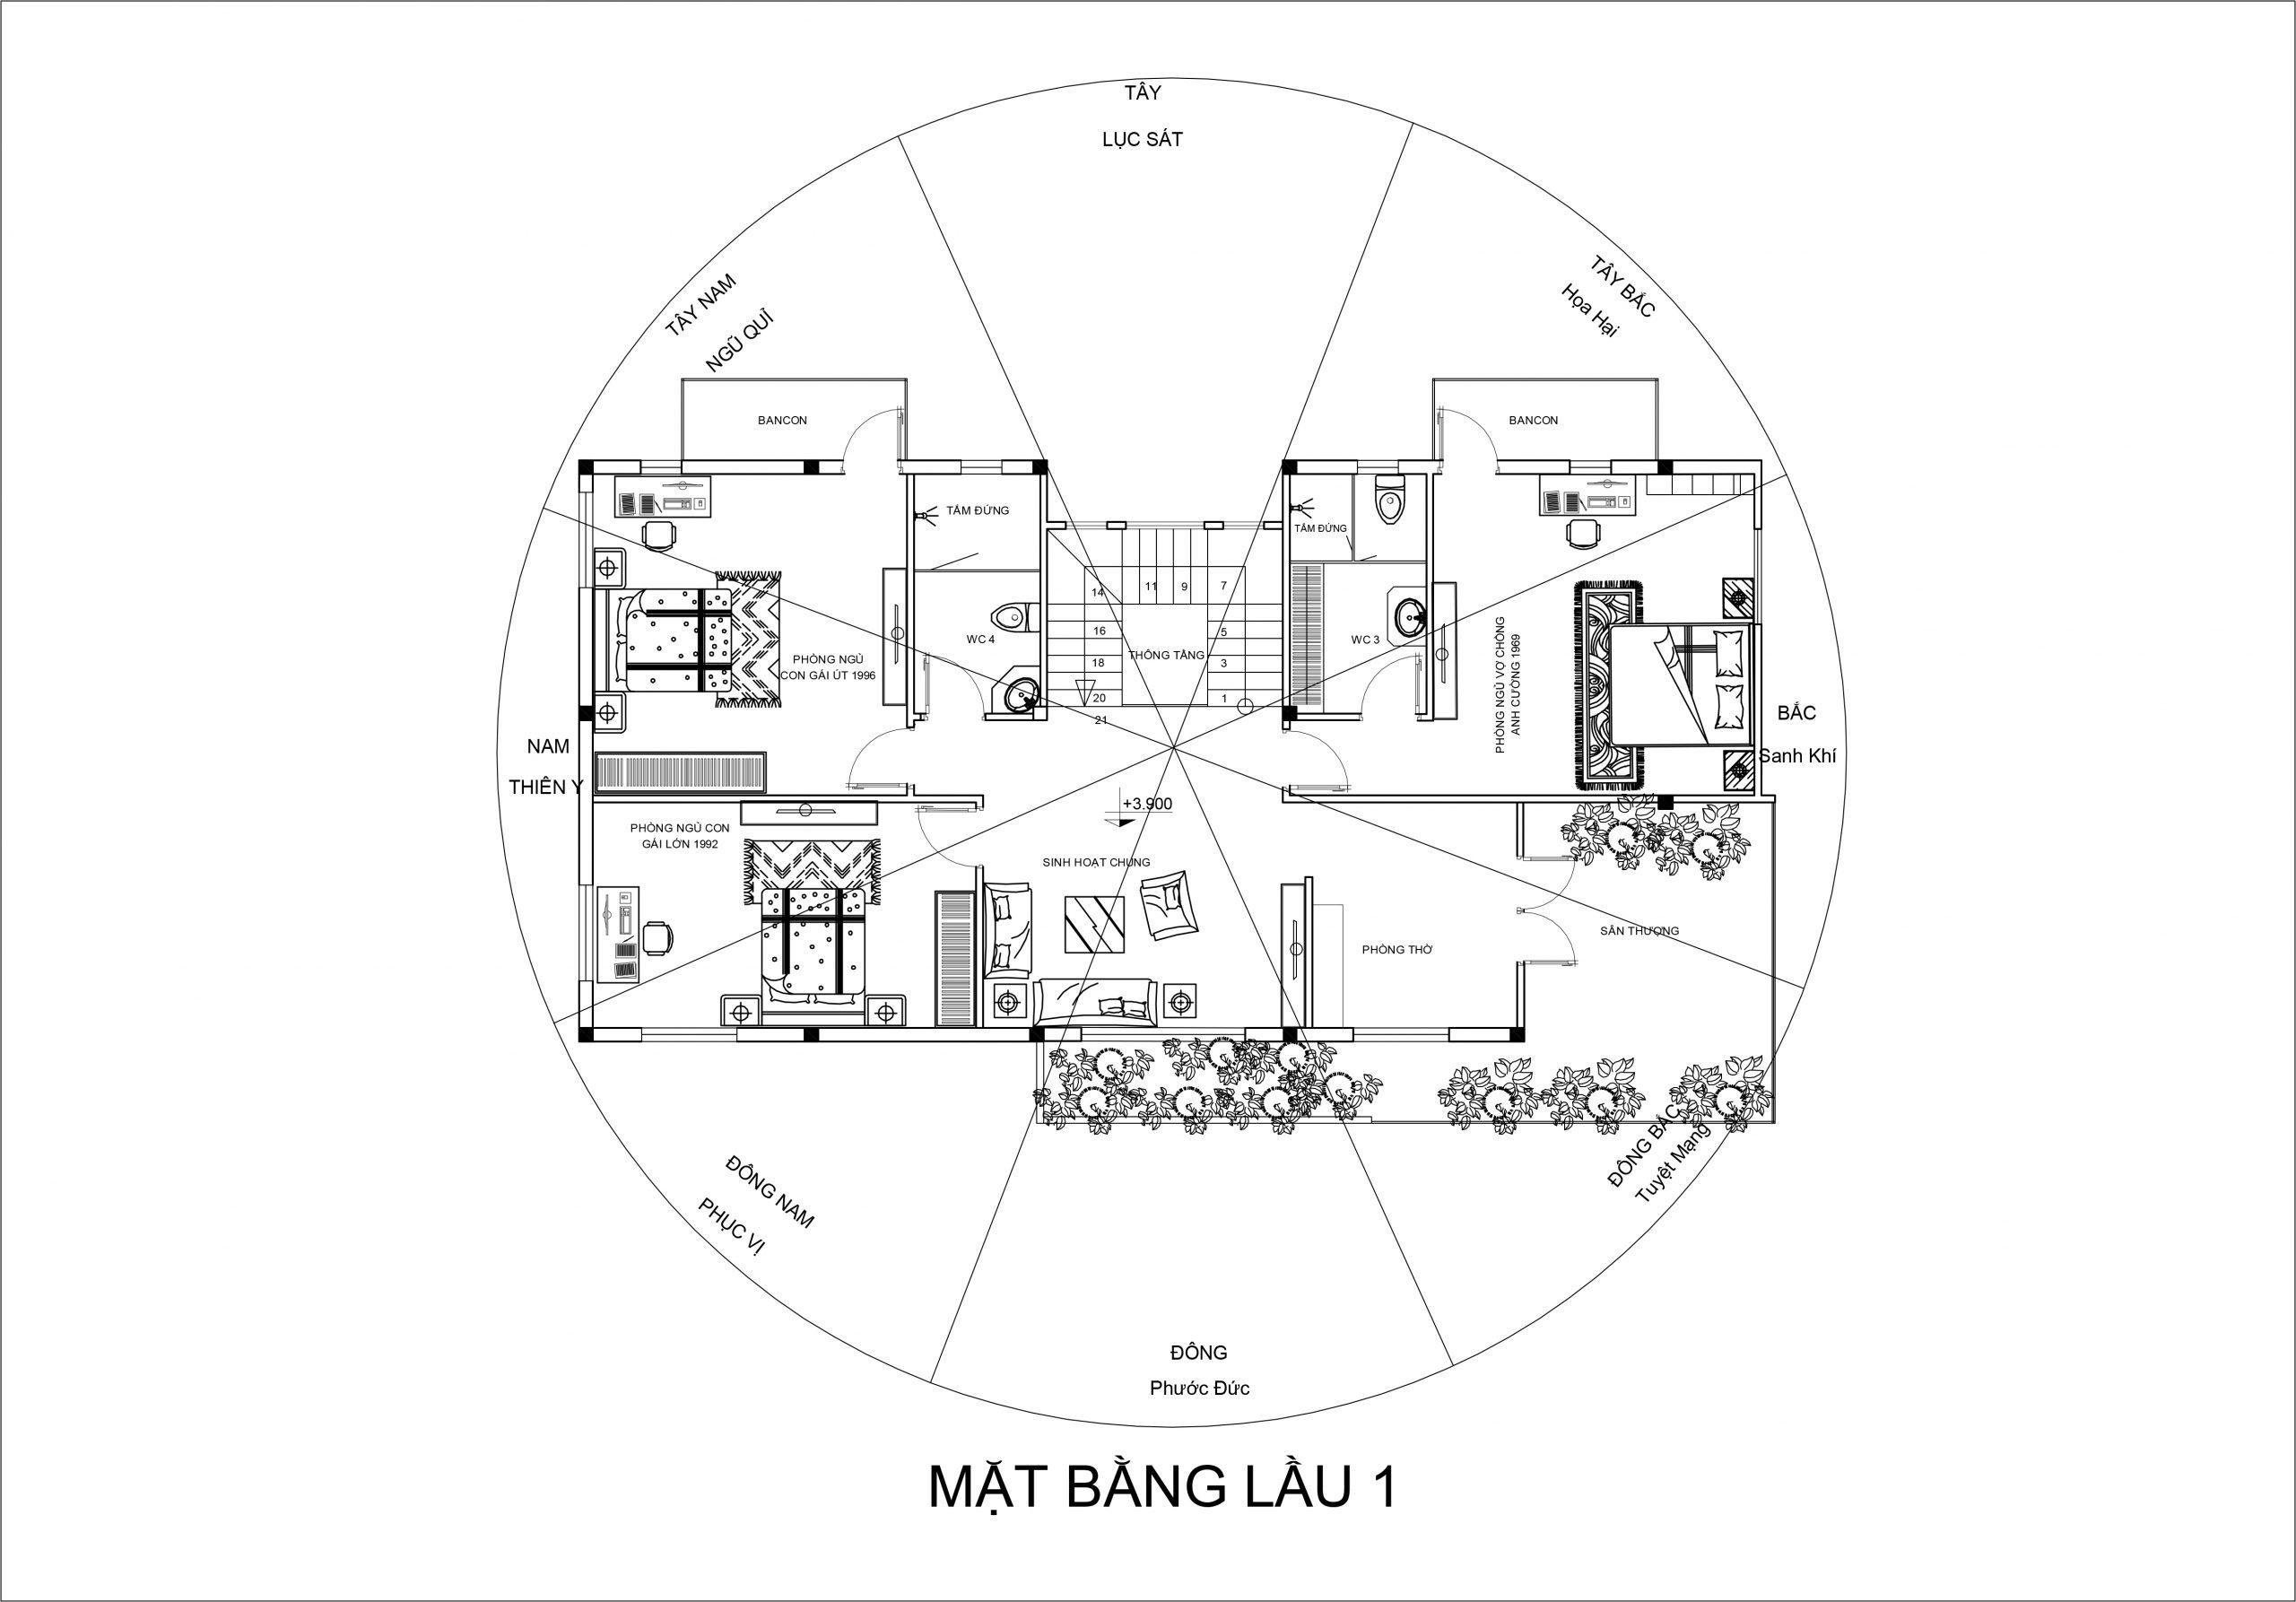 mat bang tang 1 mau nha vuon 2 tang scaled Mẫu nhà vườn 2 tầng đơn giản không chỗ chê 8,5x15m trên mảnh đất rộng hơn 500m2 ở Phú Quốc